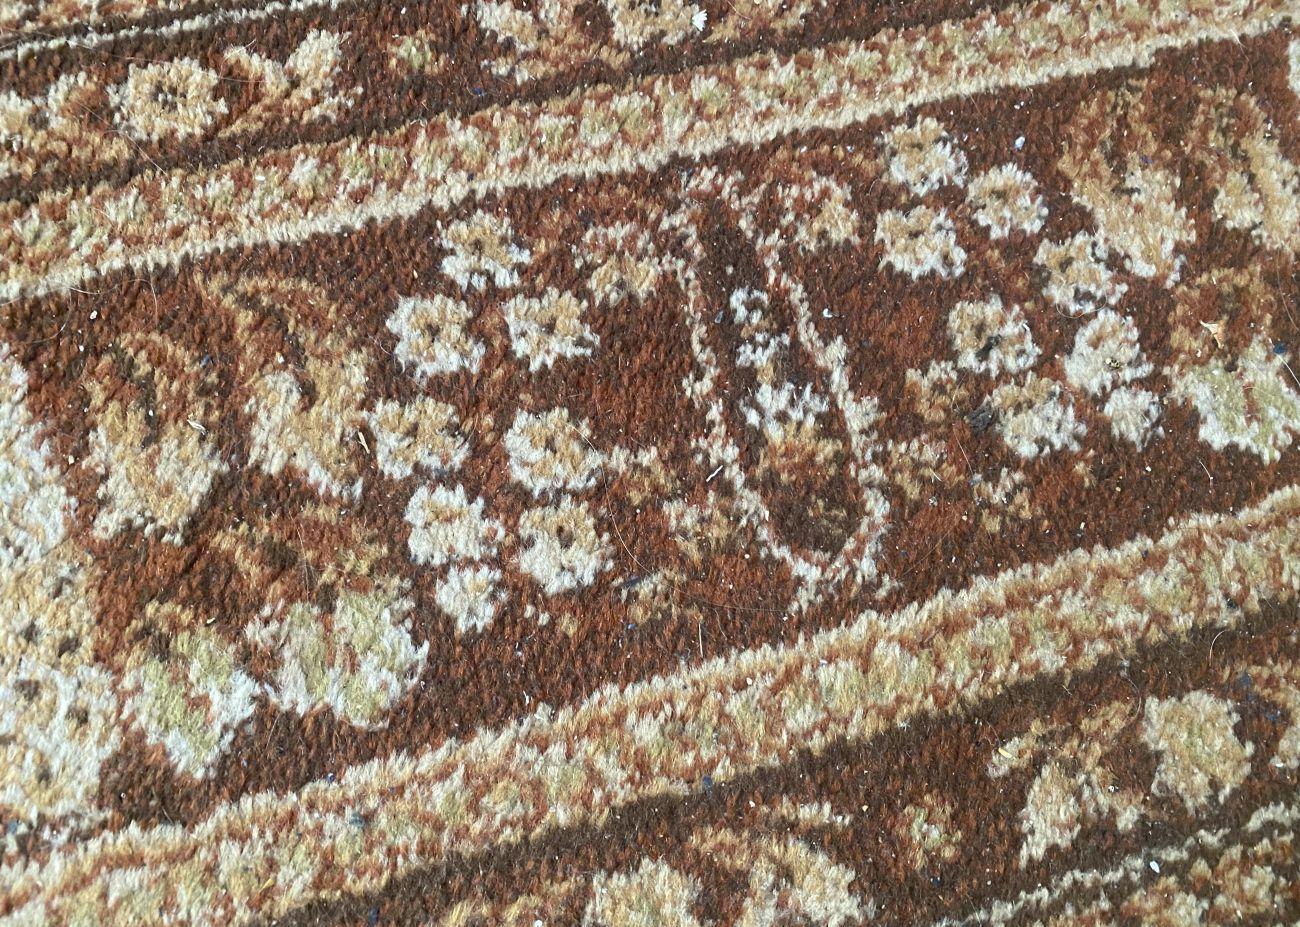 Zaśmiecony dywan przed testem Ecovacs Deebot T9